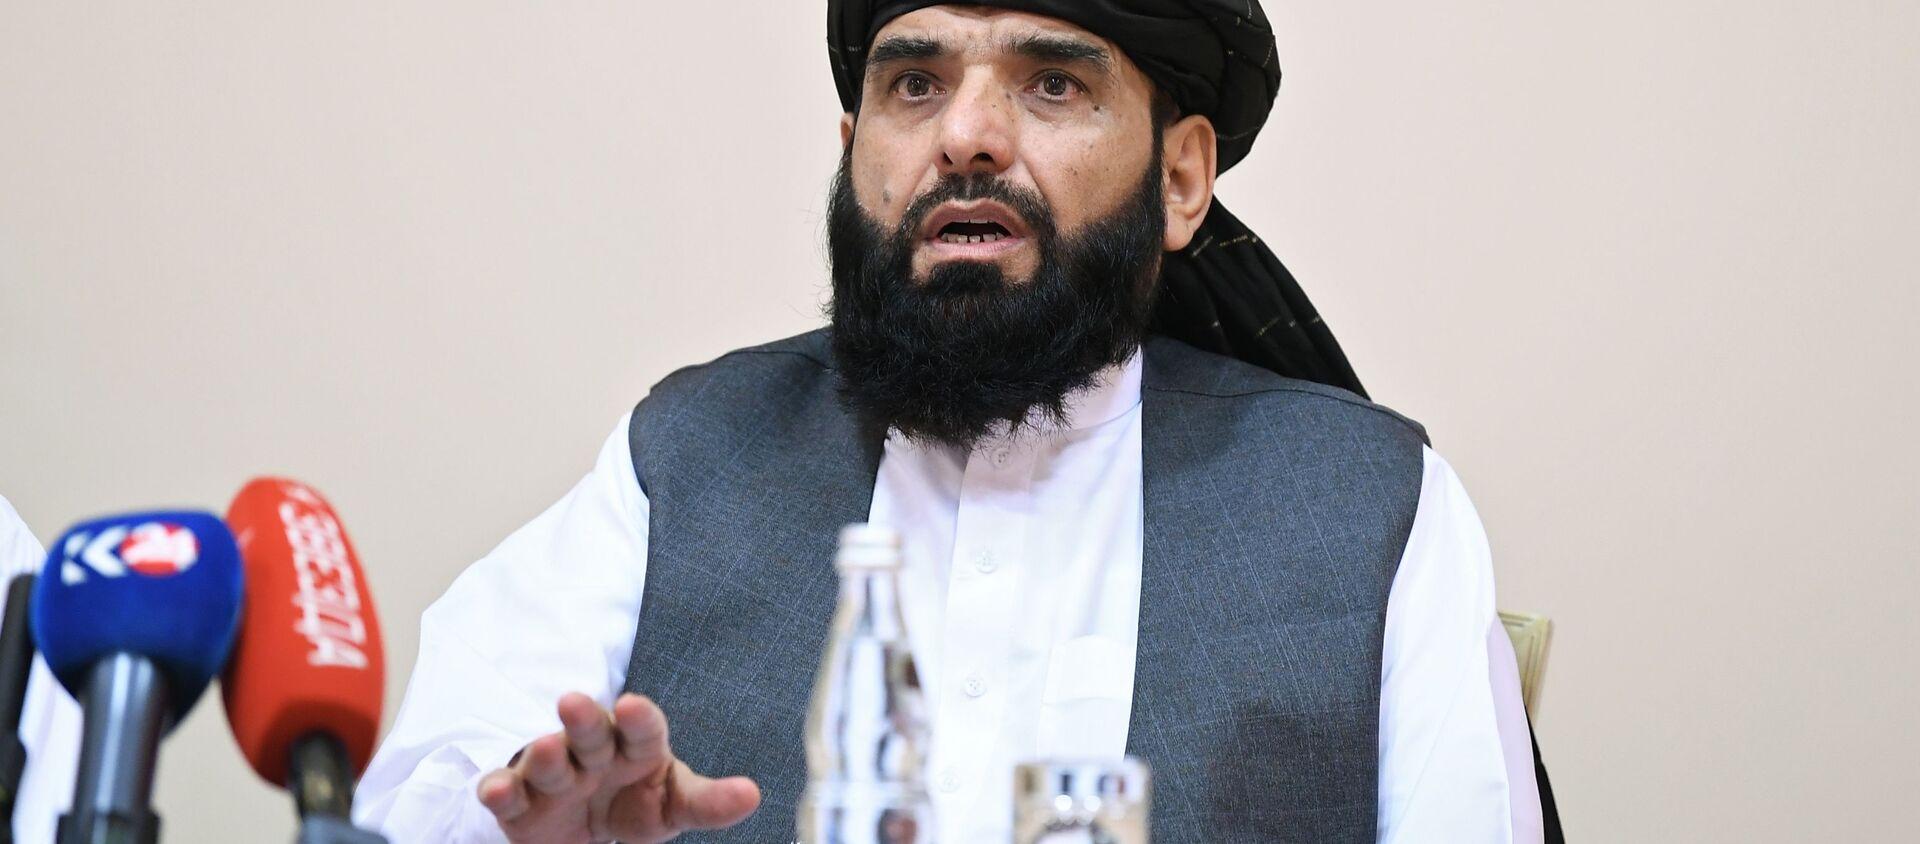 Đại diện phái đoàn của văn phòng chính trị của Taliban Mohammad Sohail Shahin tại một cuộc họp báo ở Moscow - Sputnik Việt Nam, 1920, 12.07.2021